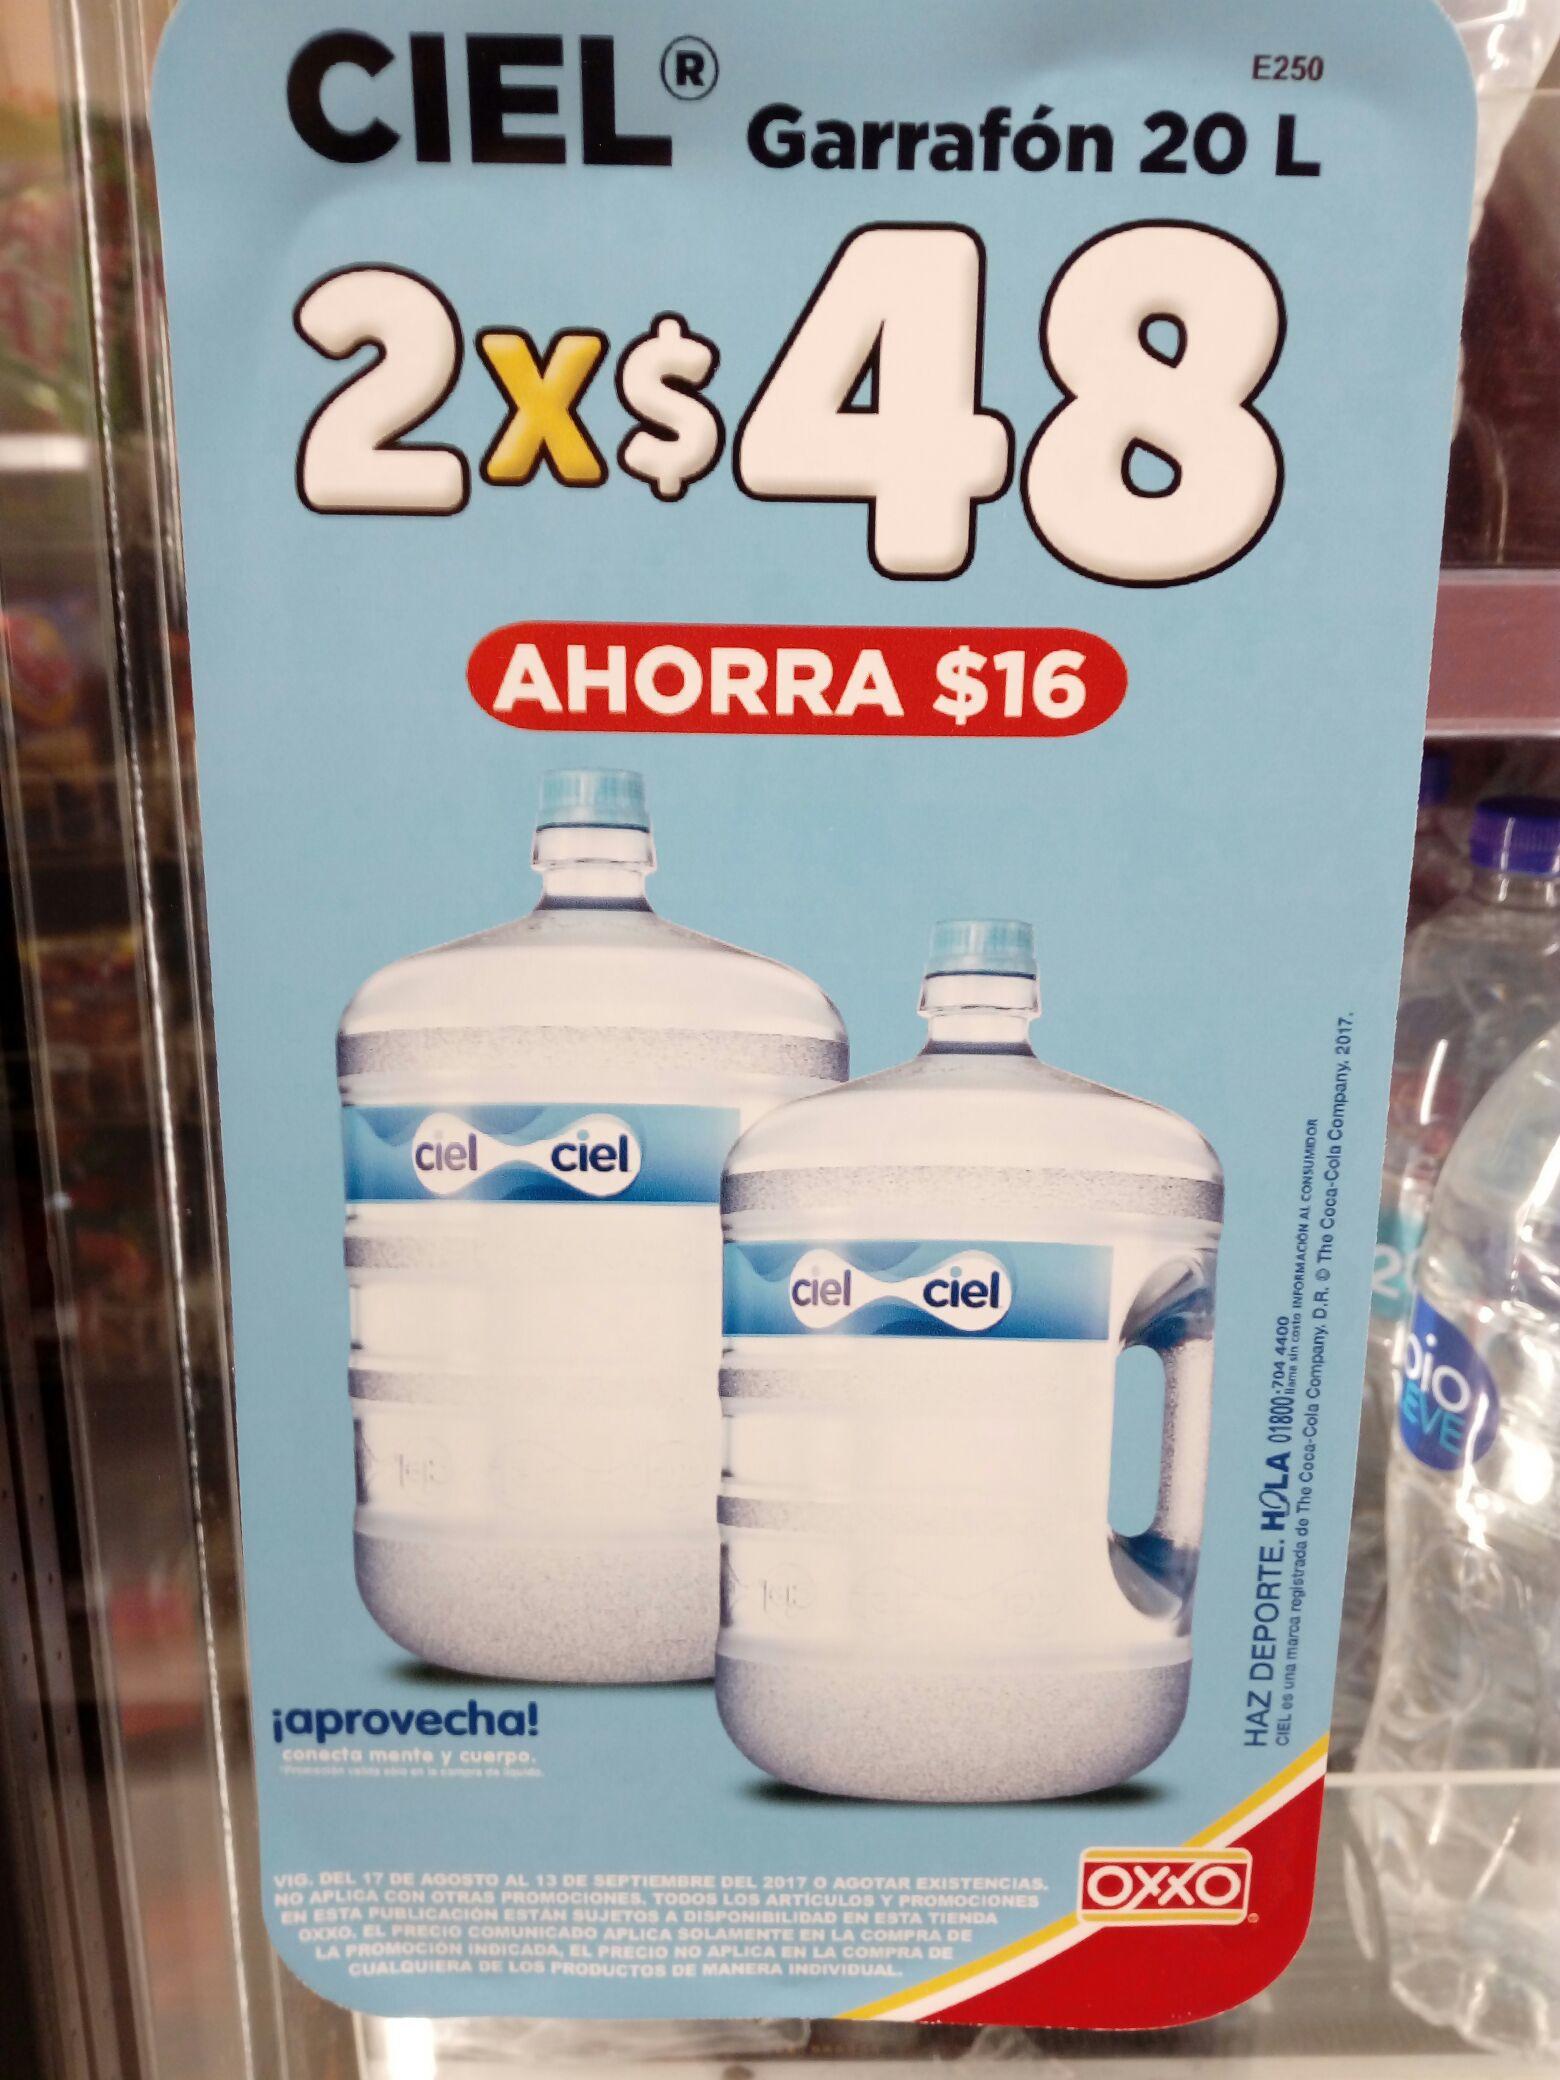 OXXO: 2 Garrafones Ciel por $48